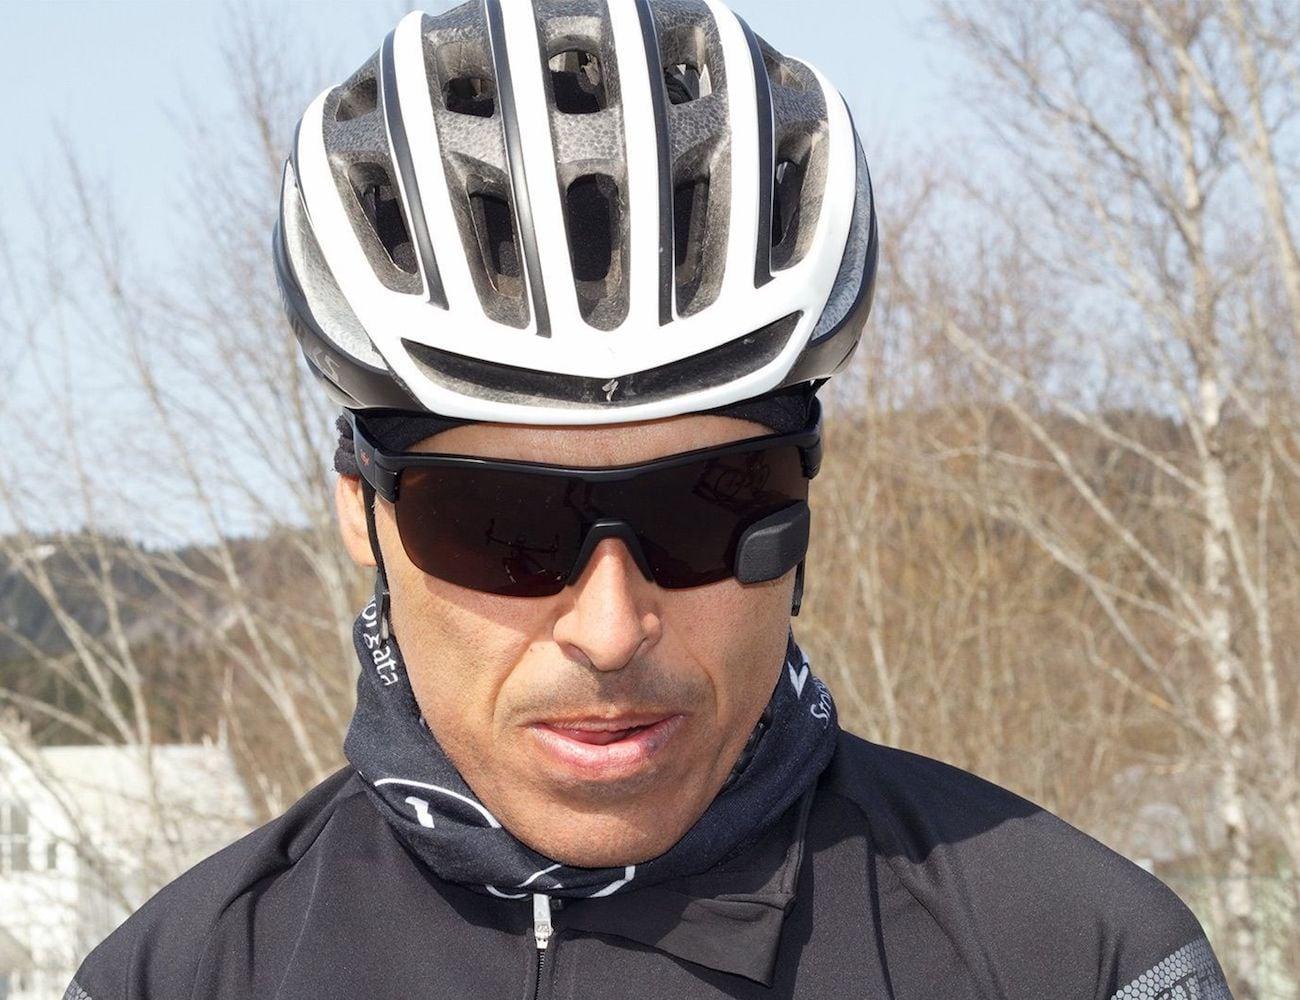 TriEye Performance Bike Eyewear